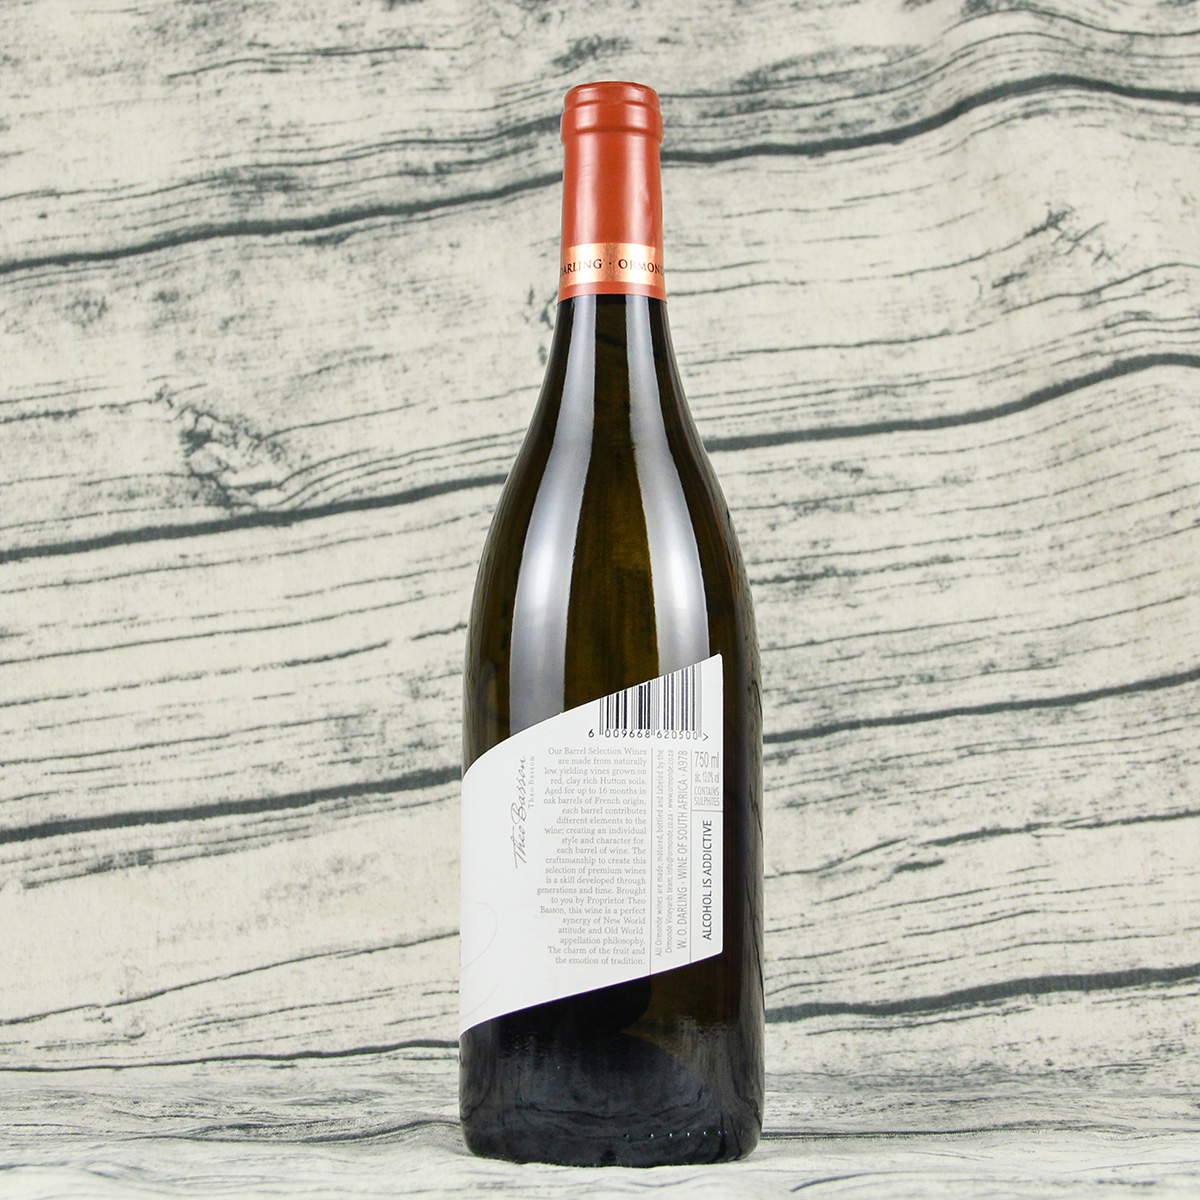 南非西开普奥曼迪酒庄霞多丽干白葡萄酒